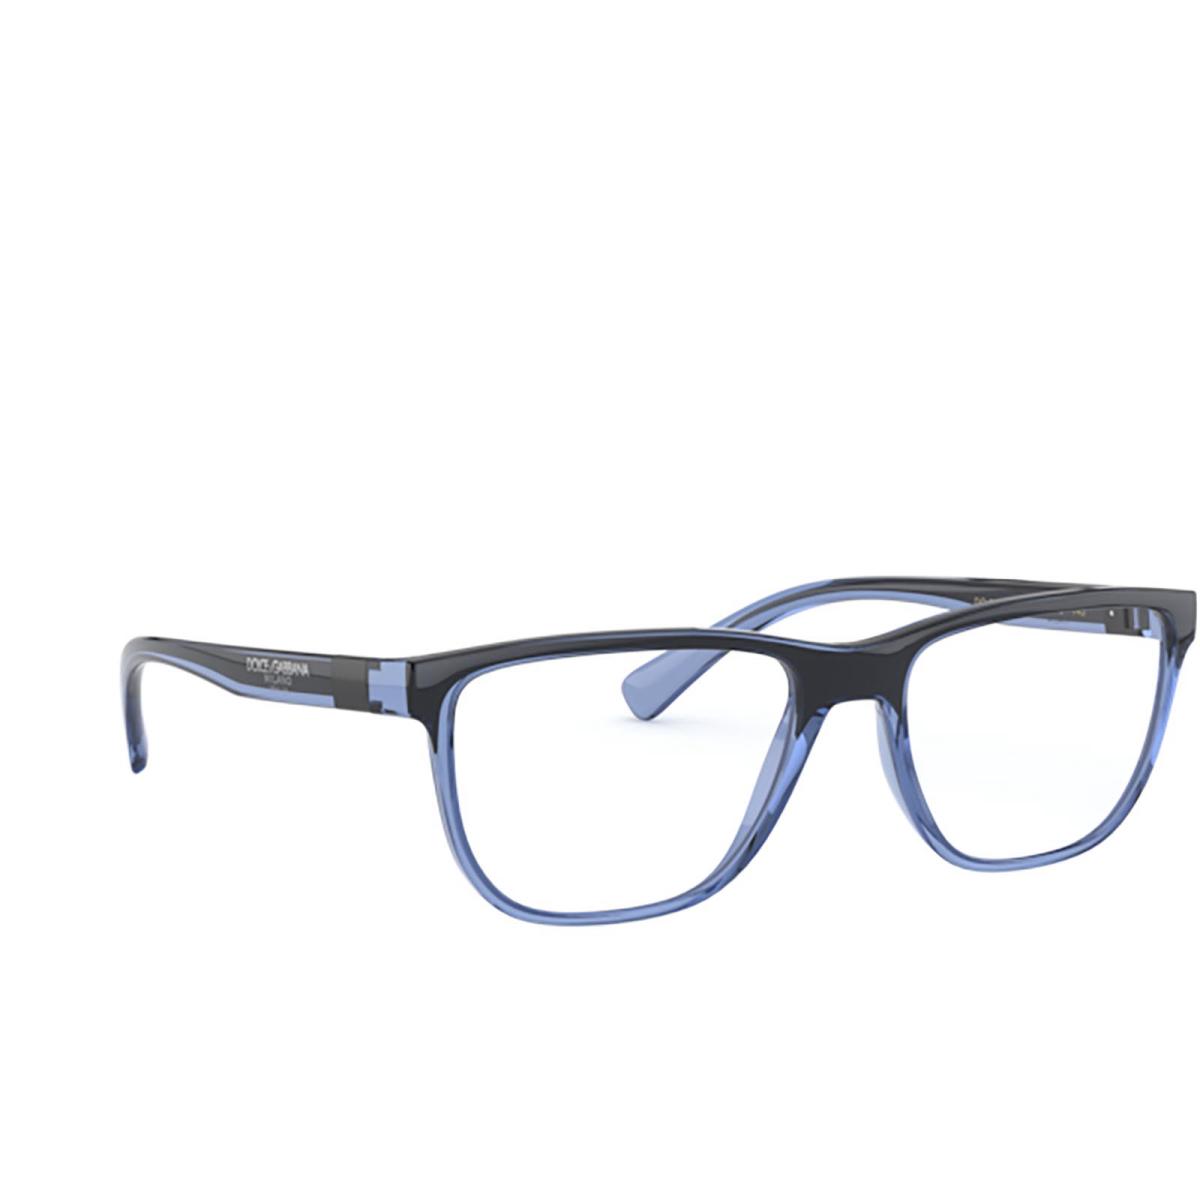 Dolce & Gabbana® Rectangle Eyeglasses: DG5053 color Transparent Blue / Black 3258.